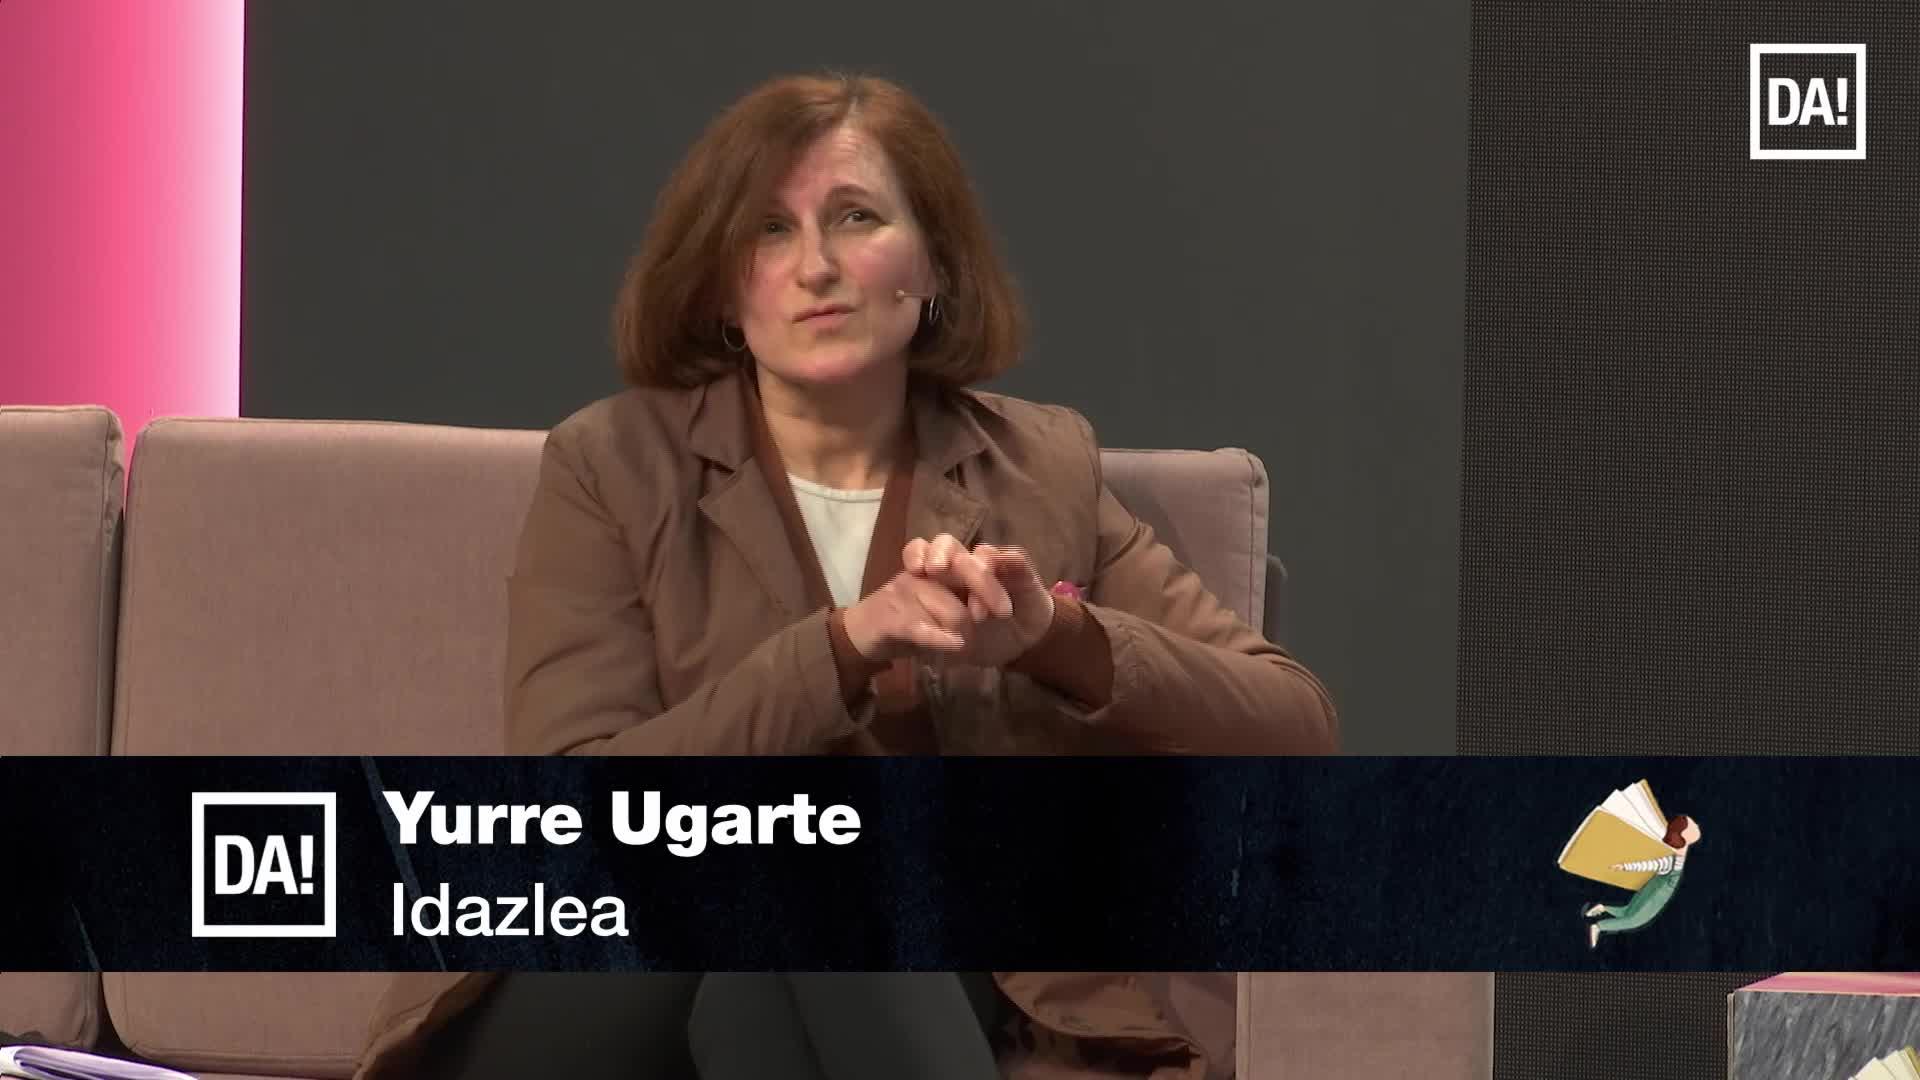 Yurre Ugarte